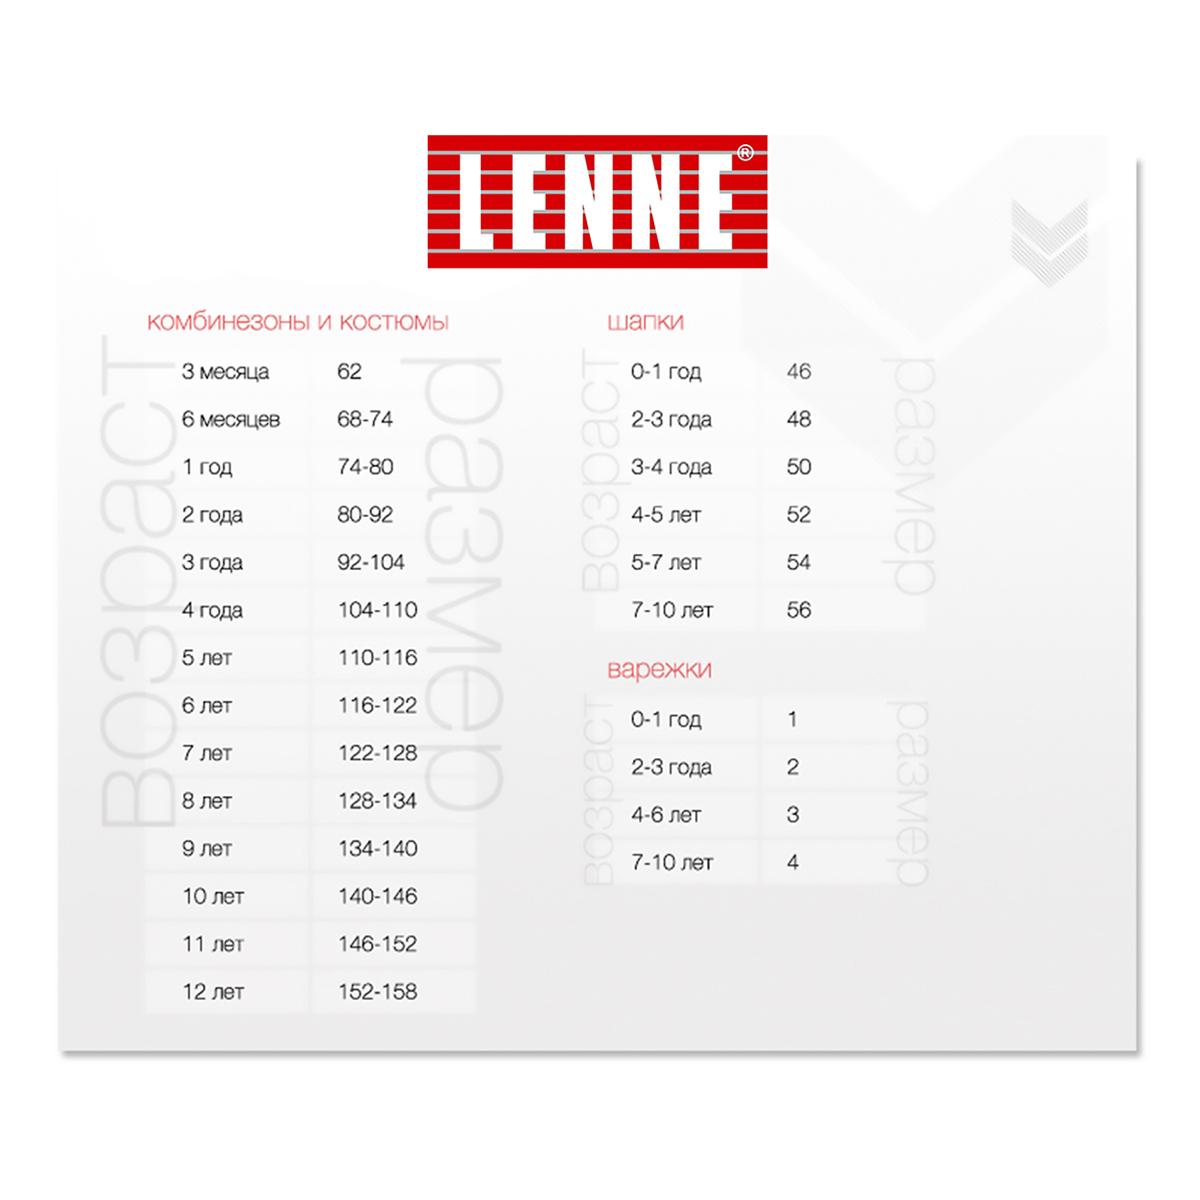 Верхняя одежда, Куртка и полукомбинезон LENNE Robin Cars, р. 98 20314/4700 ТМ: LENNE, серый с синим  - купить со скидкой